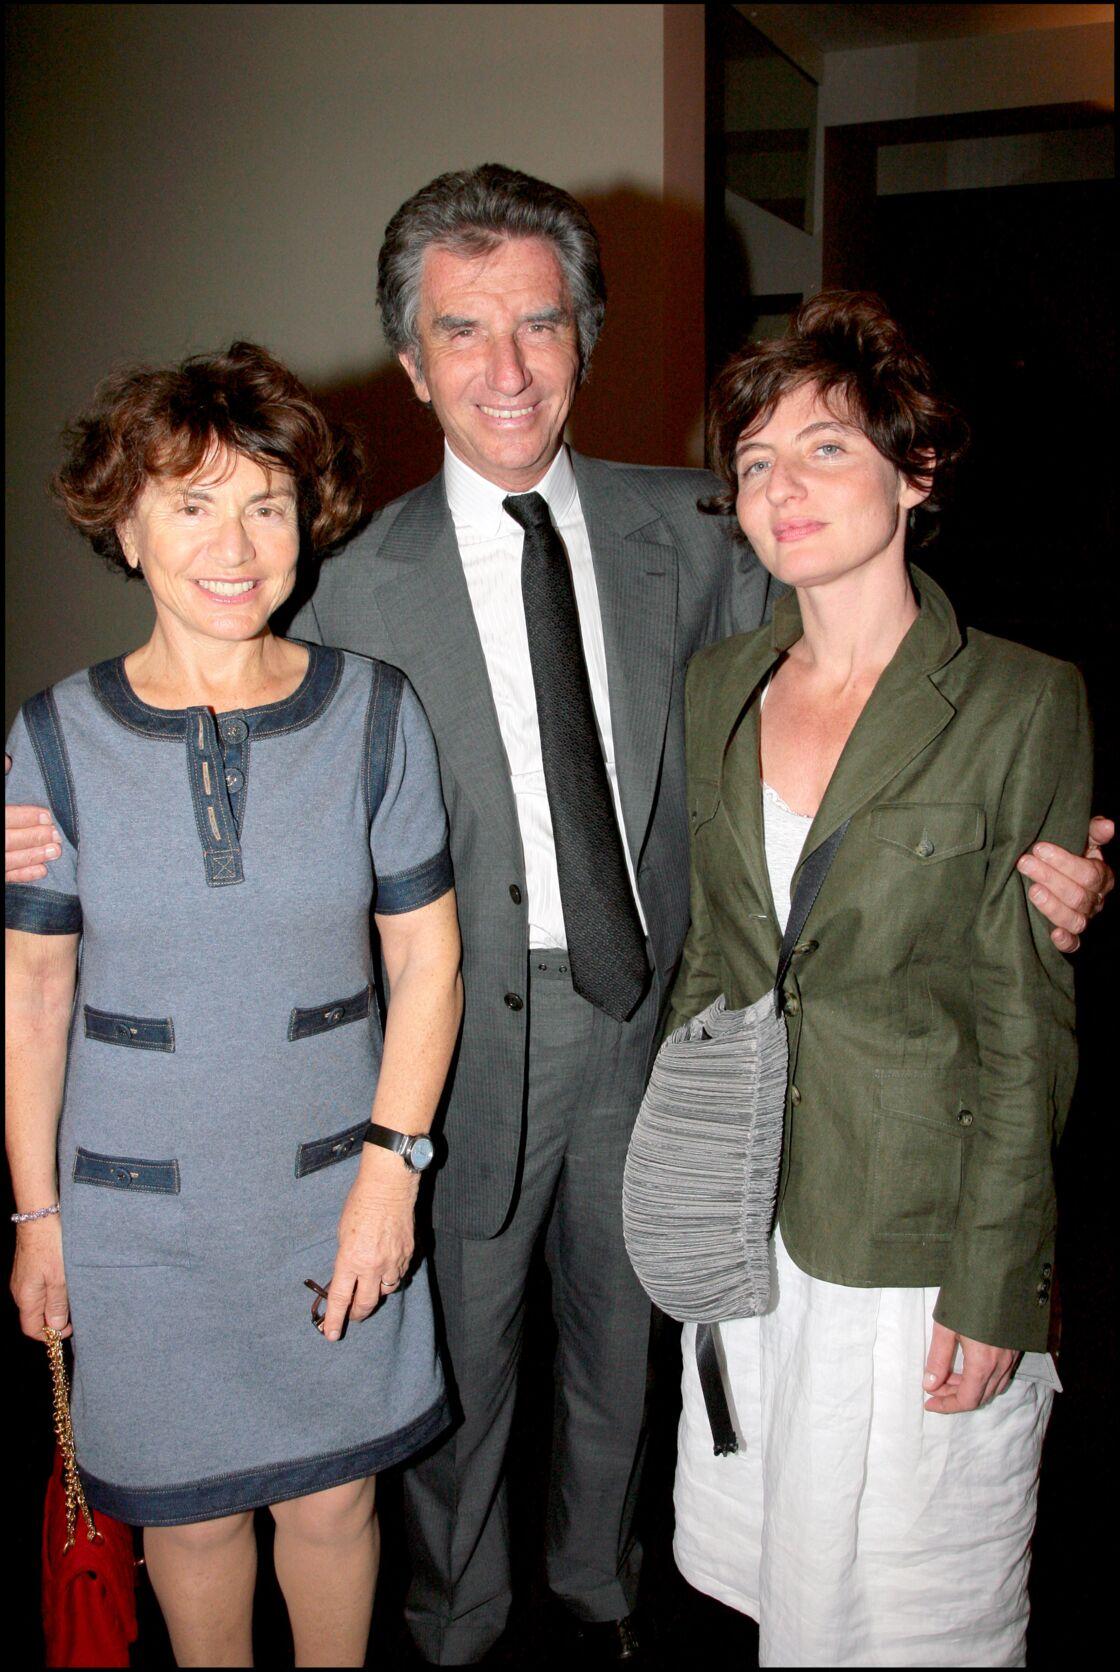 Jack Lang entouré de sa femme Monique et de sa fille Valérie, à Paris, en 2008.